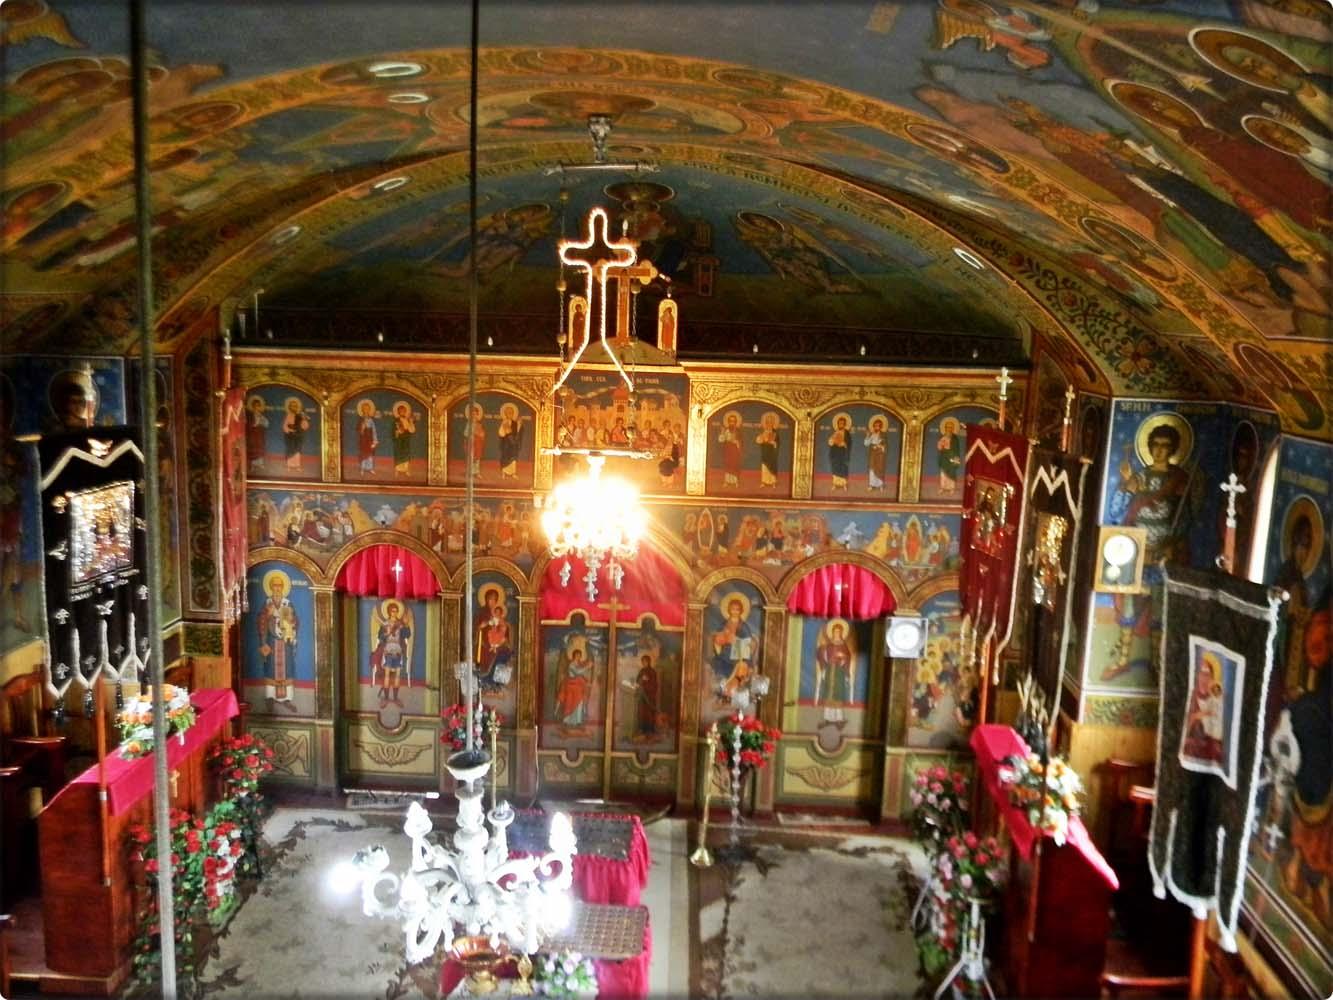 interiorul-Bisericii-vedere-de-sus